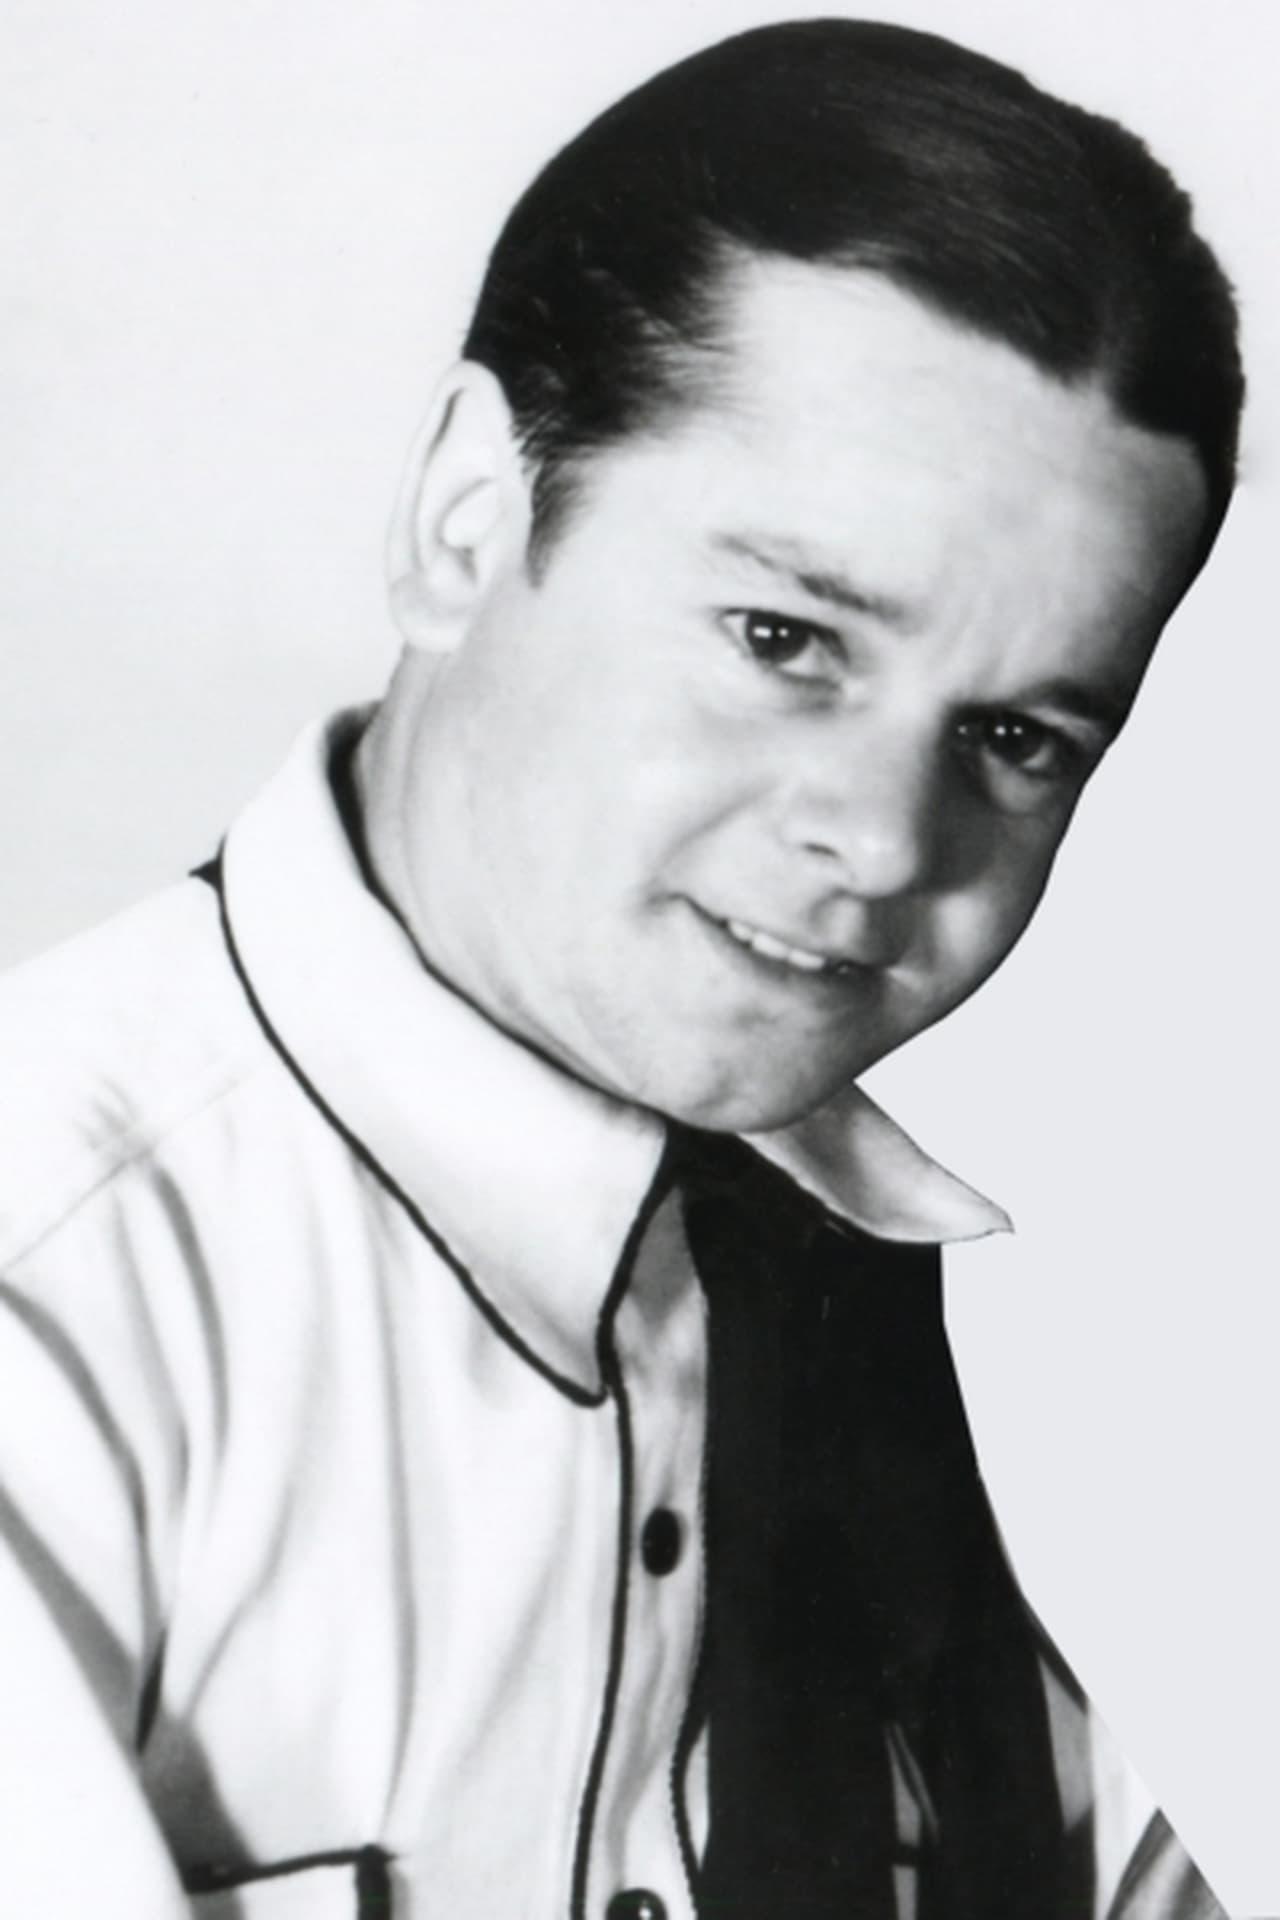 Billy Curtis